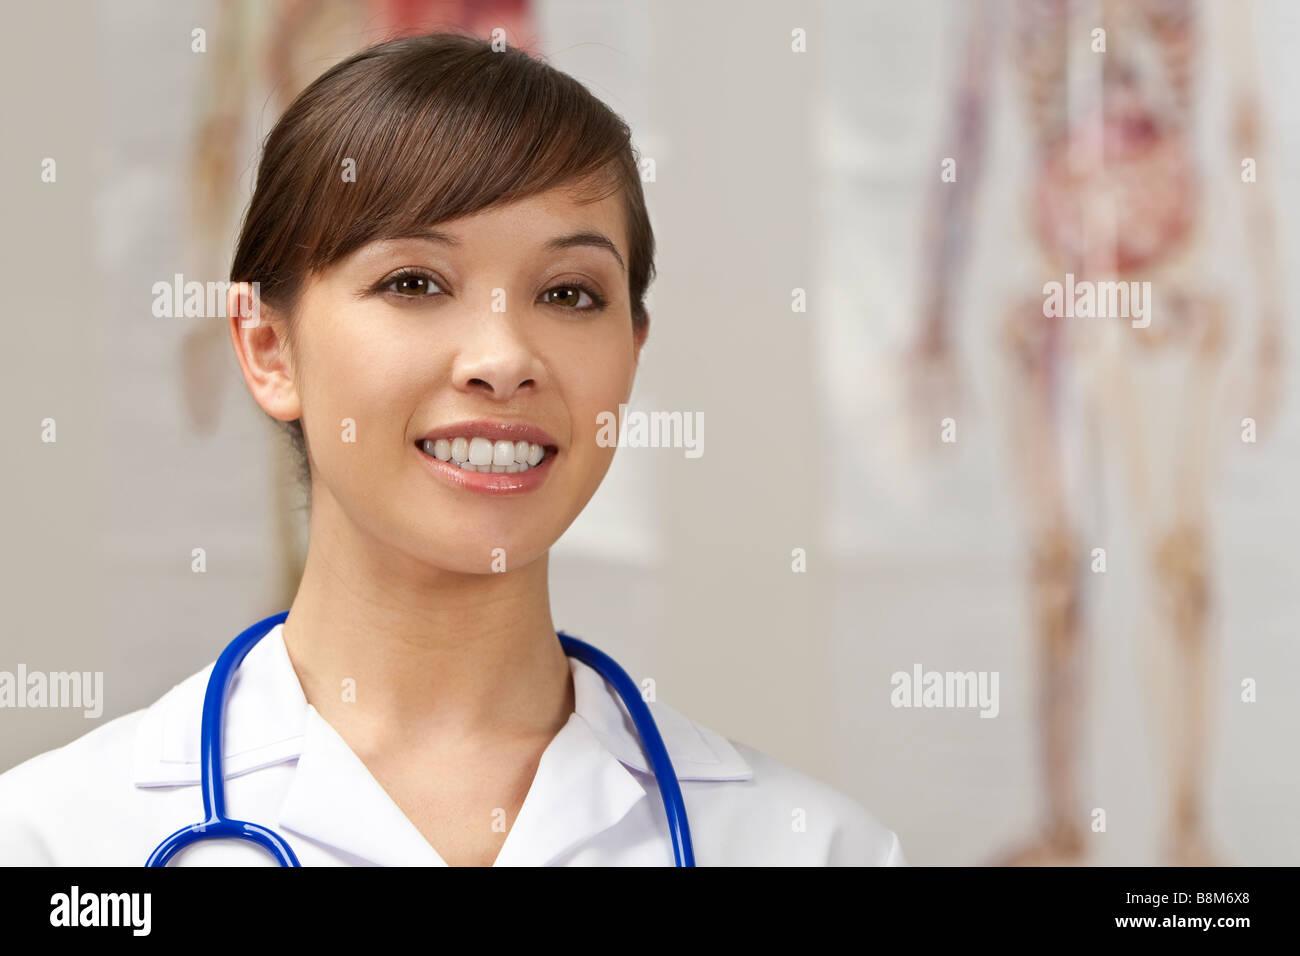 Una enfermera muy joven con un estetoscopio disparo en un hospital ...